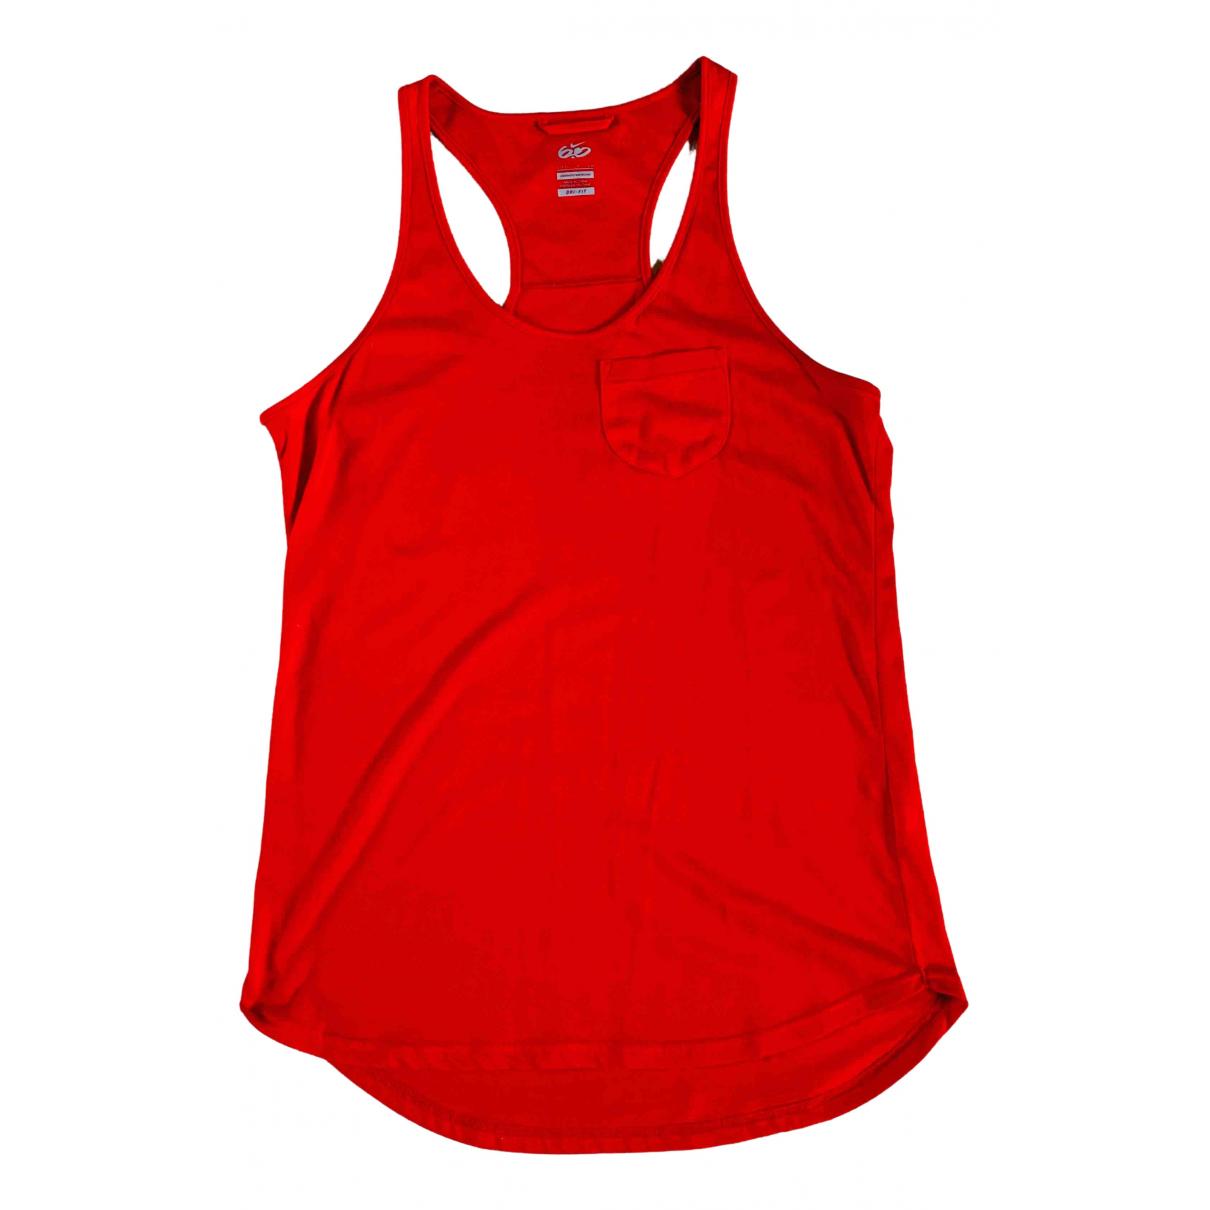 Camiseta sin mangas Nike